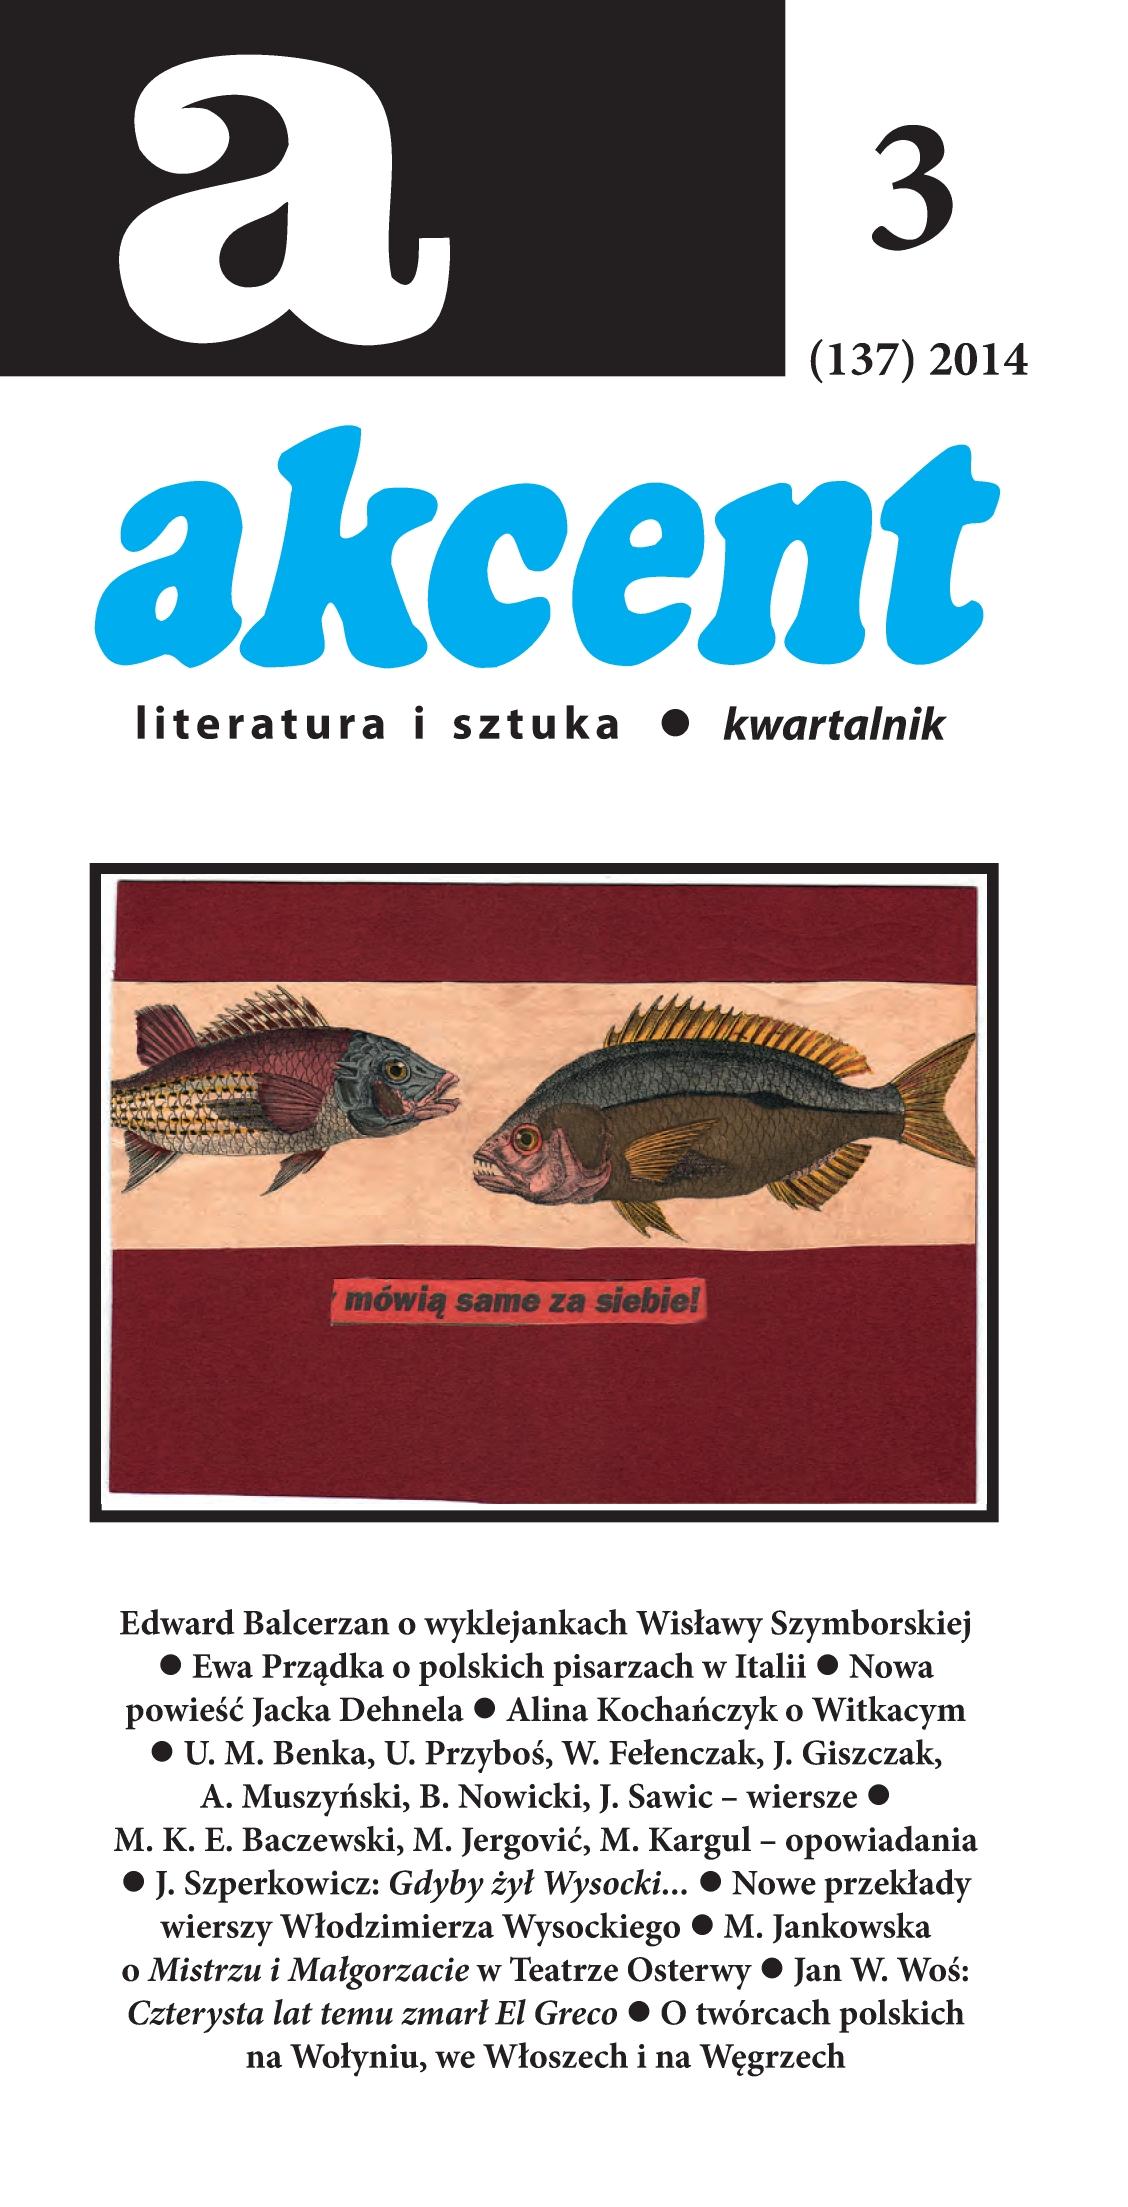 Akcent numer 3 (137) 2014